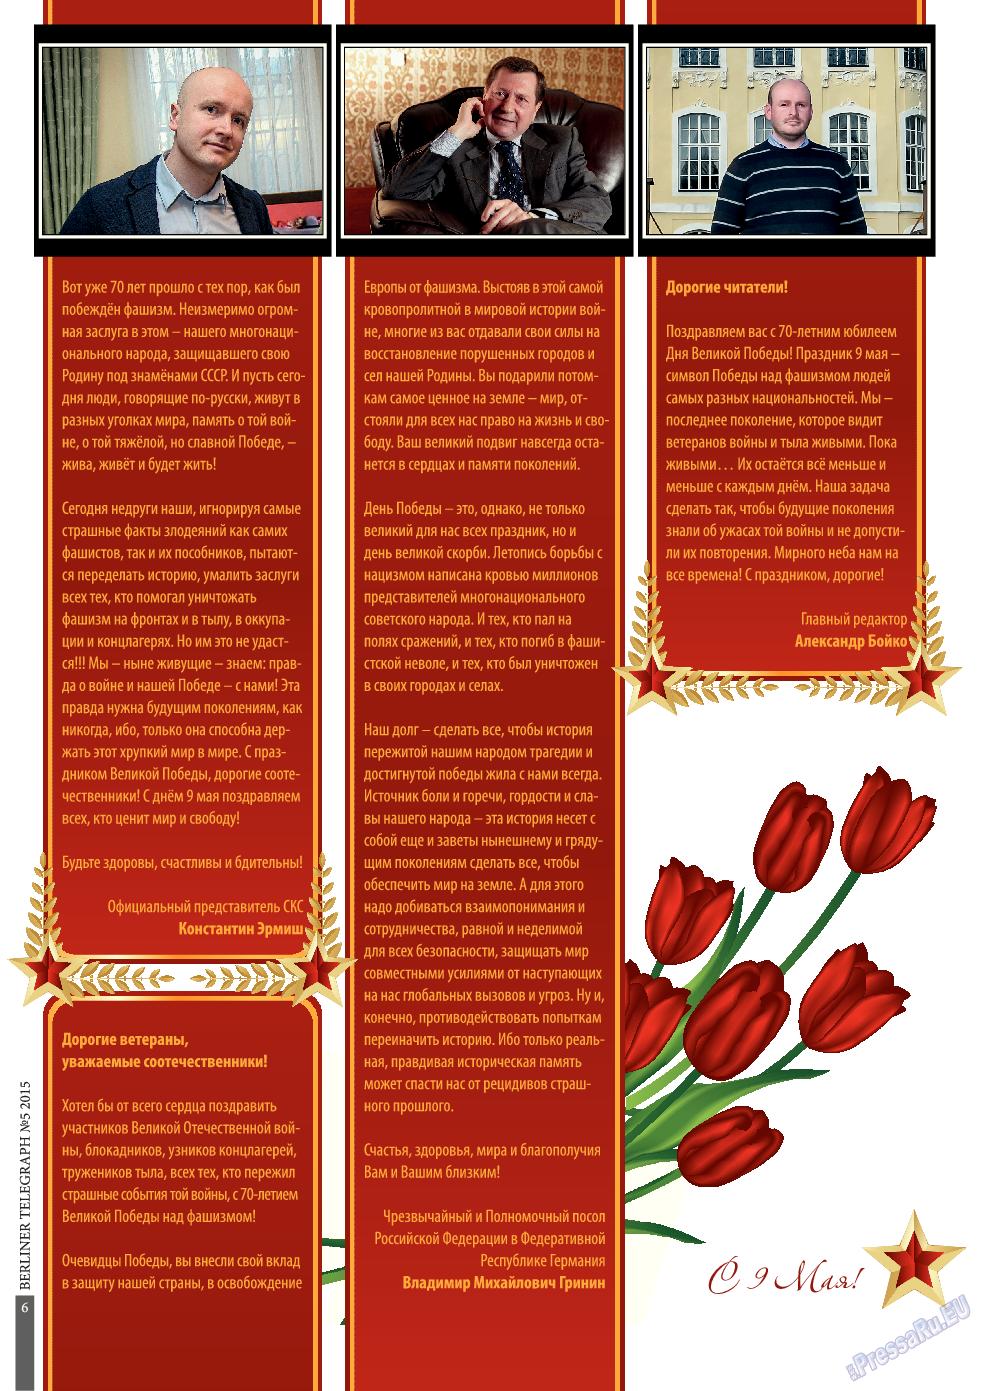 Берлинский телеграф (журнал). 2015 год, номер 5, стр. 6